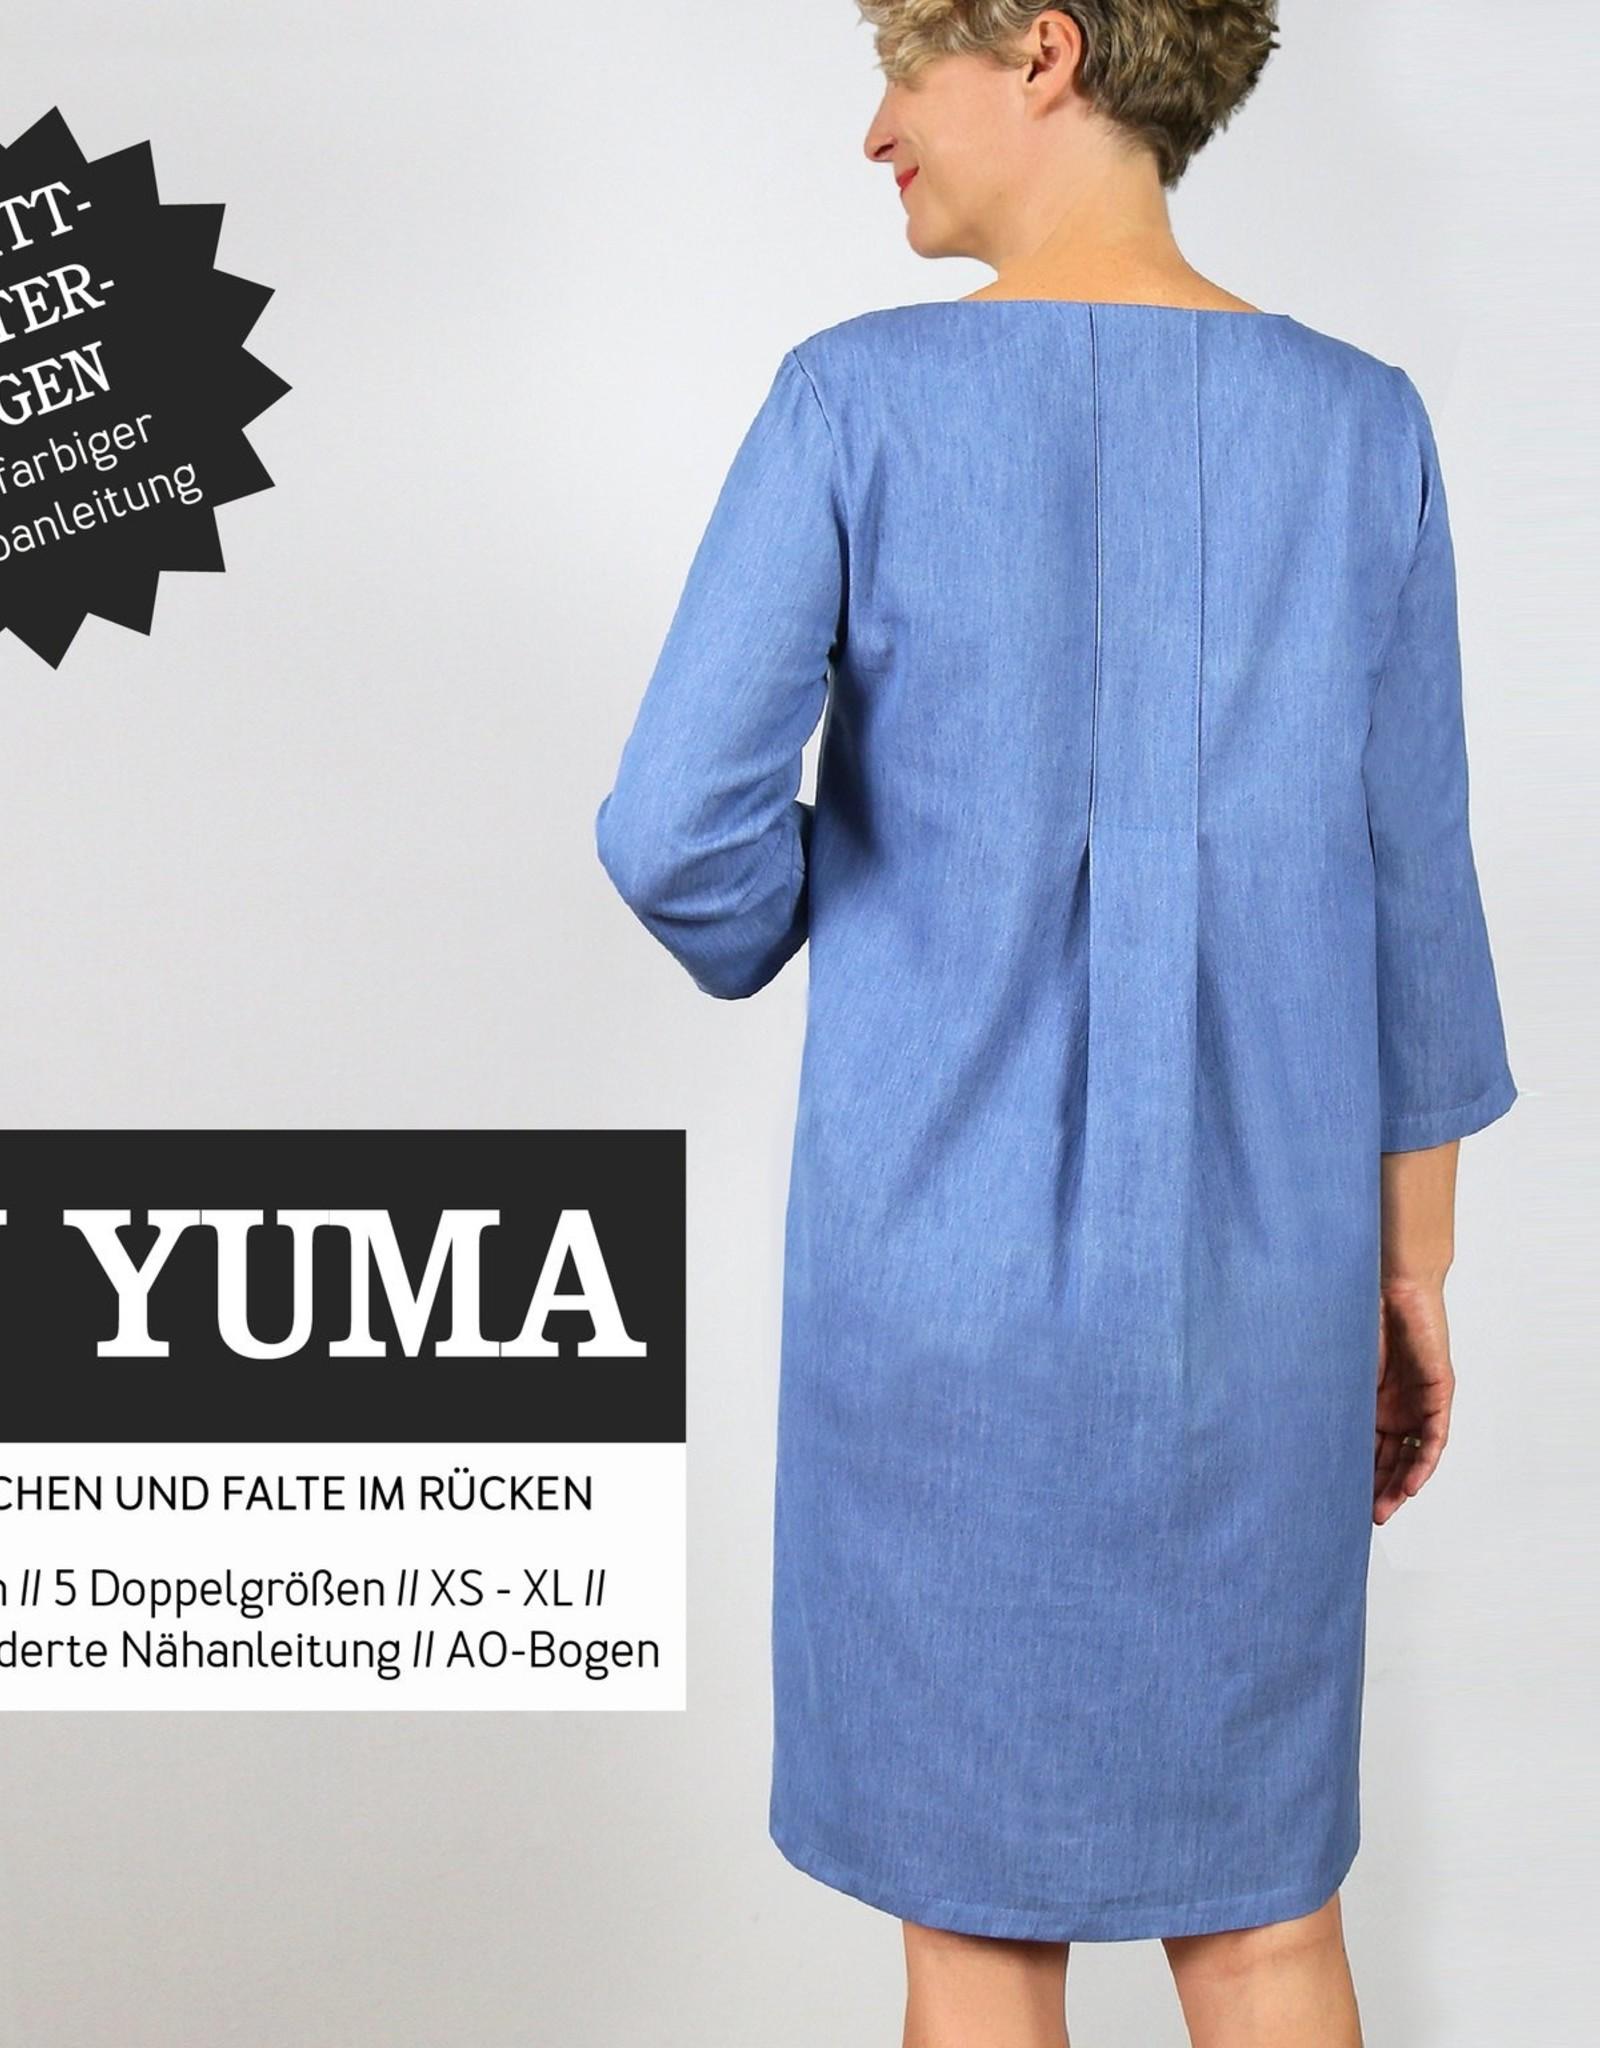 Frau Yuma